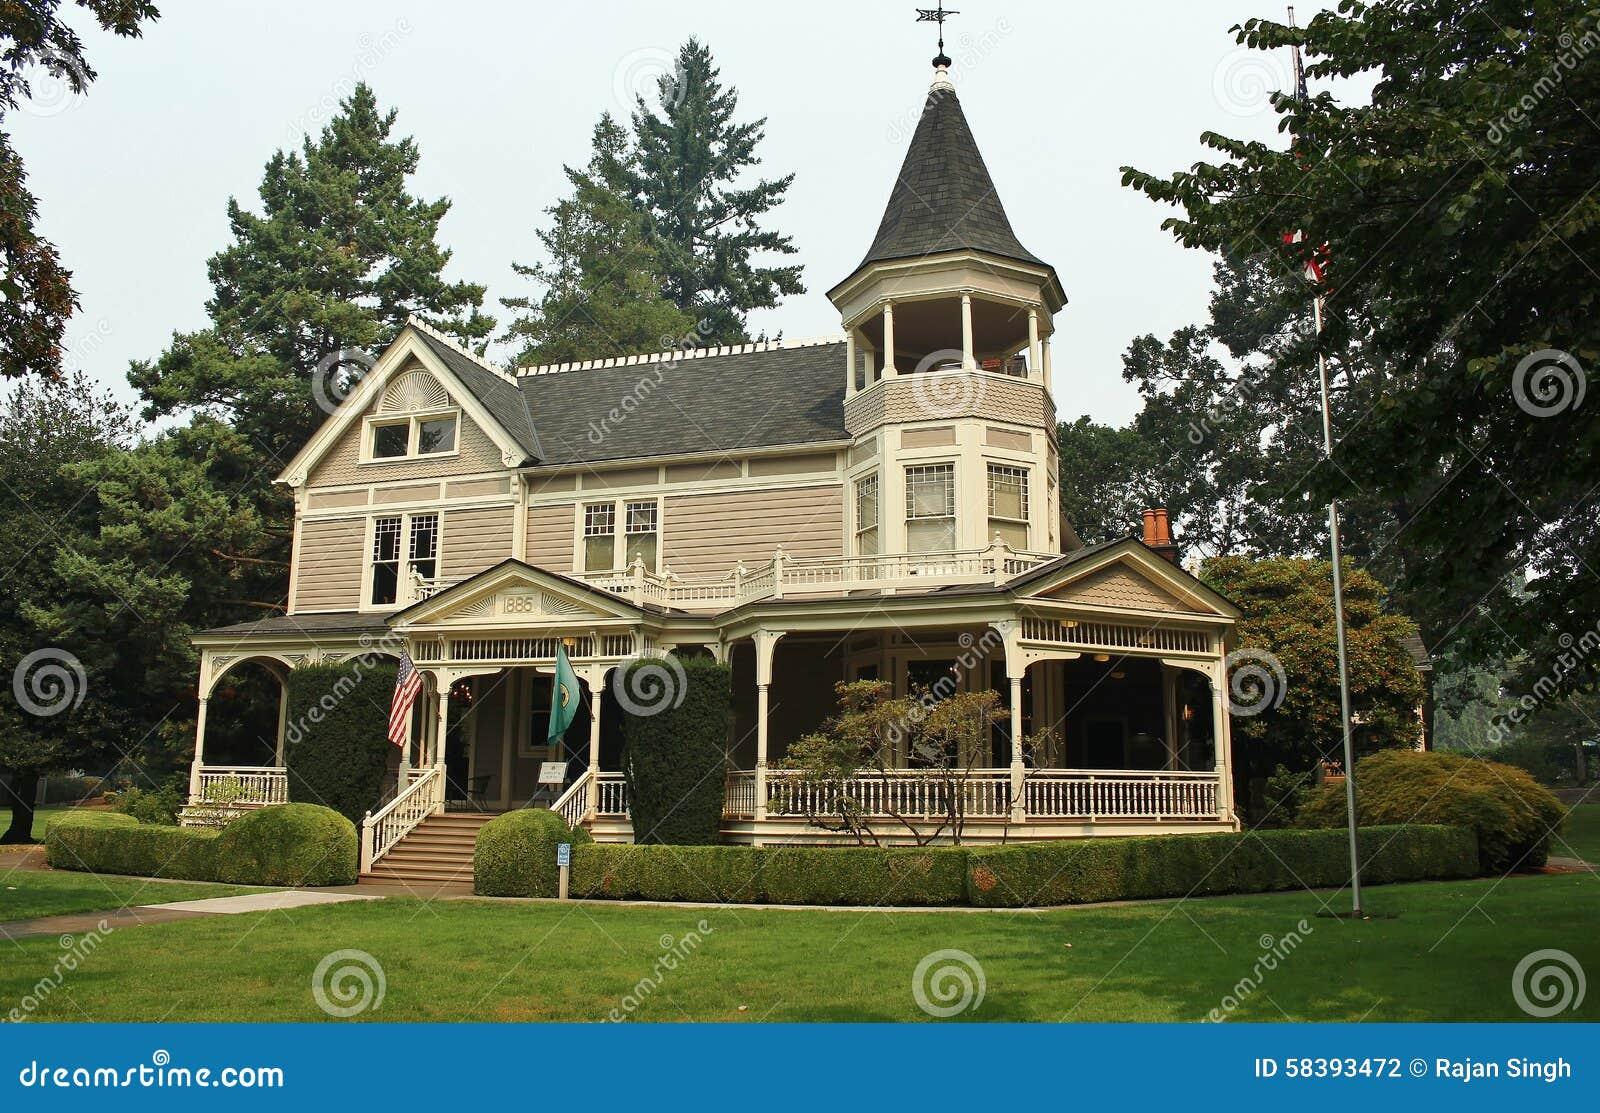 Belle maison victorienne photo stock image du manoir 58393472 - Maison victorienne ...